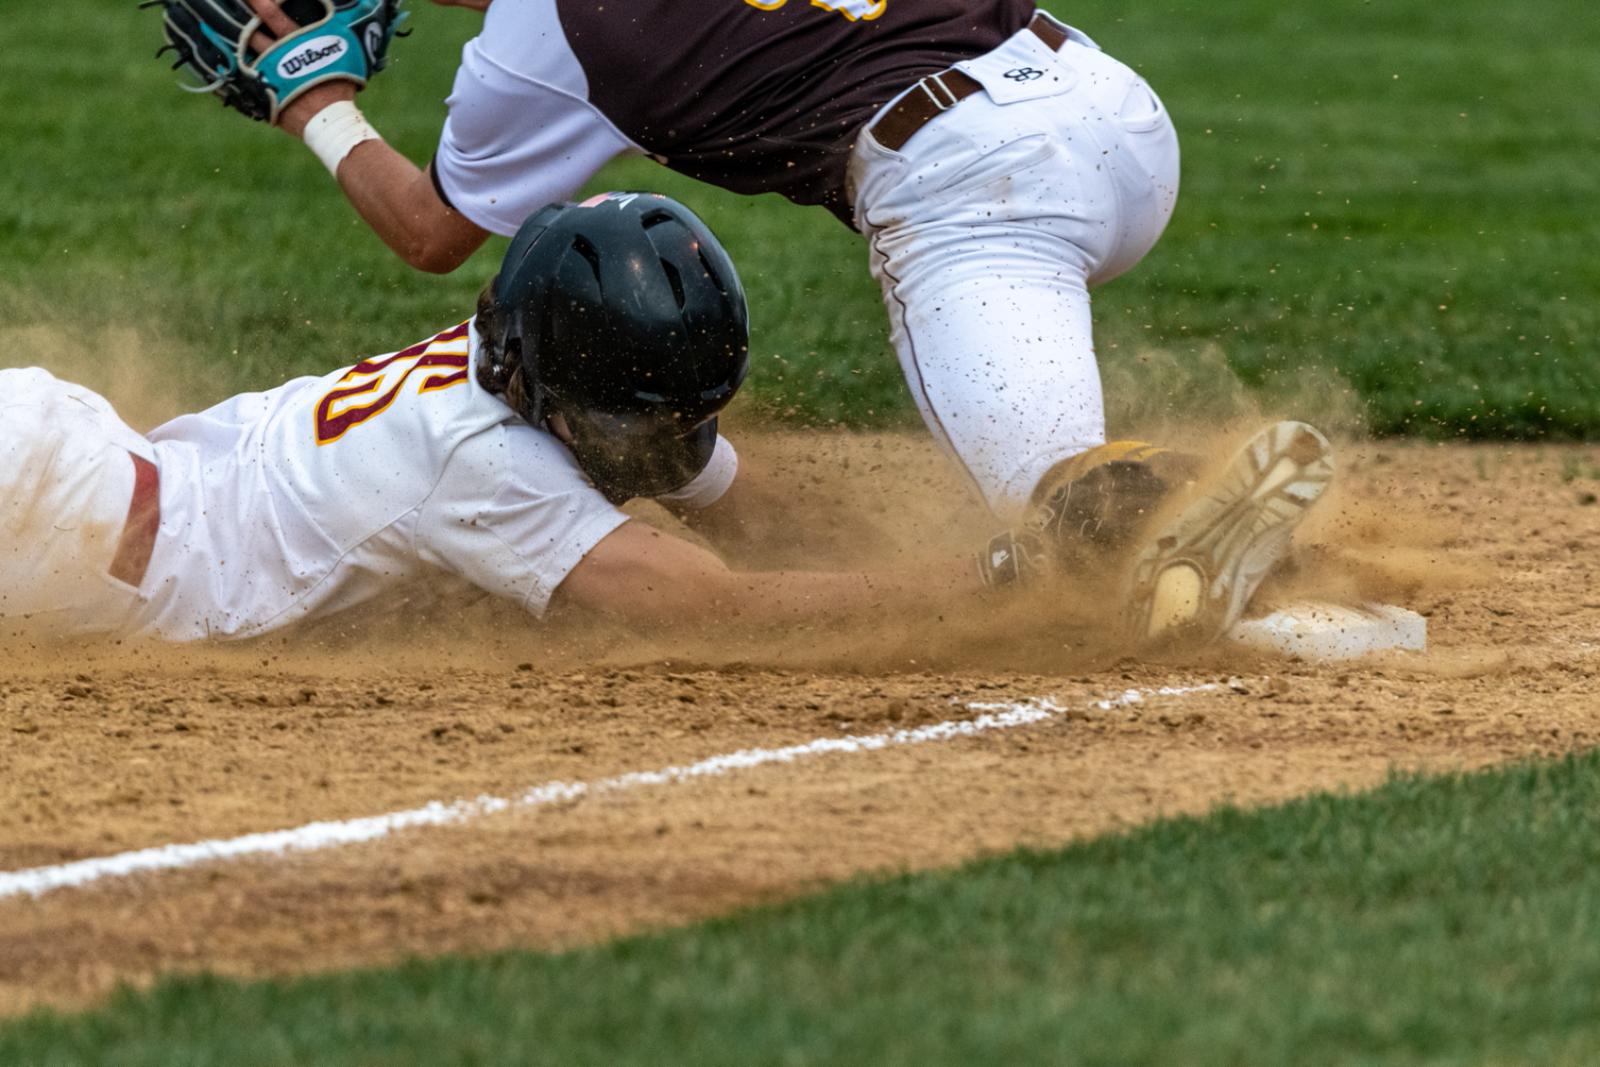 Varsity baseball v. Central (loss 11-5)